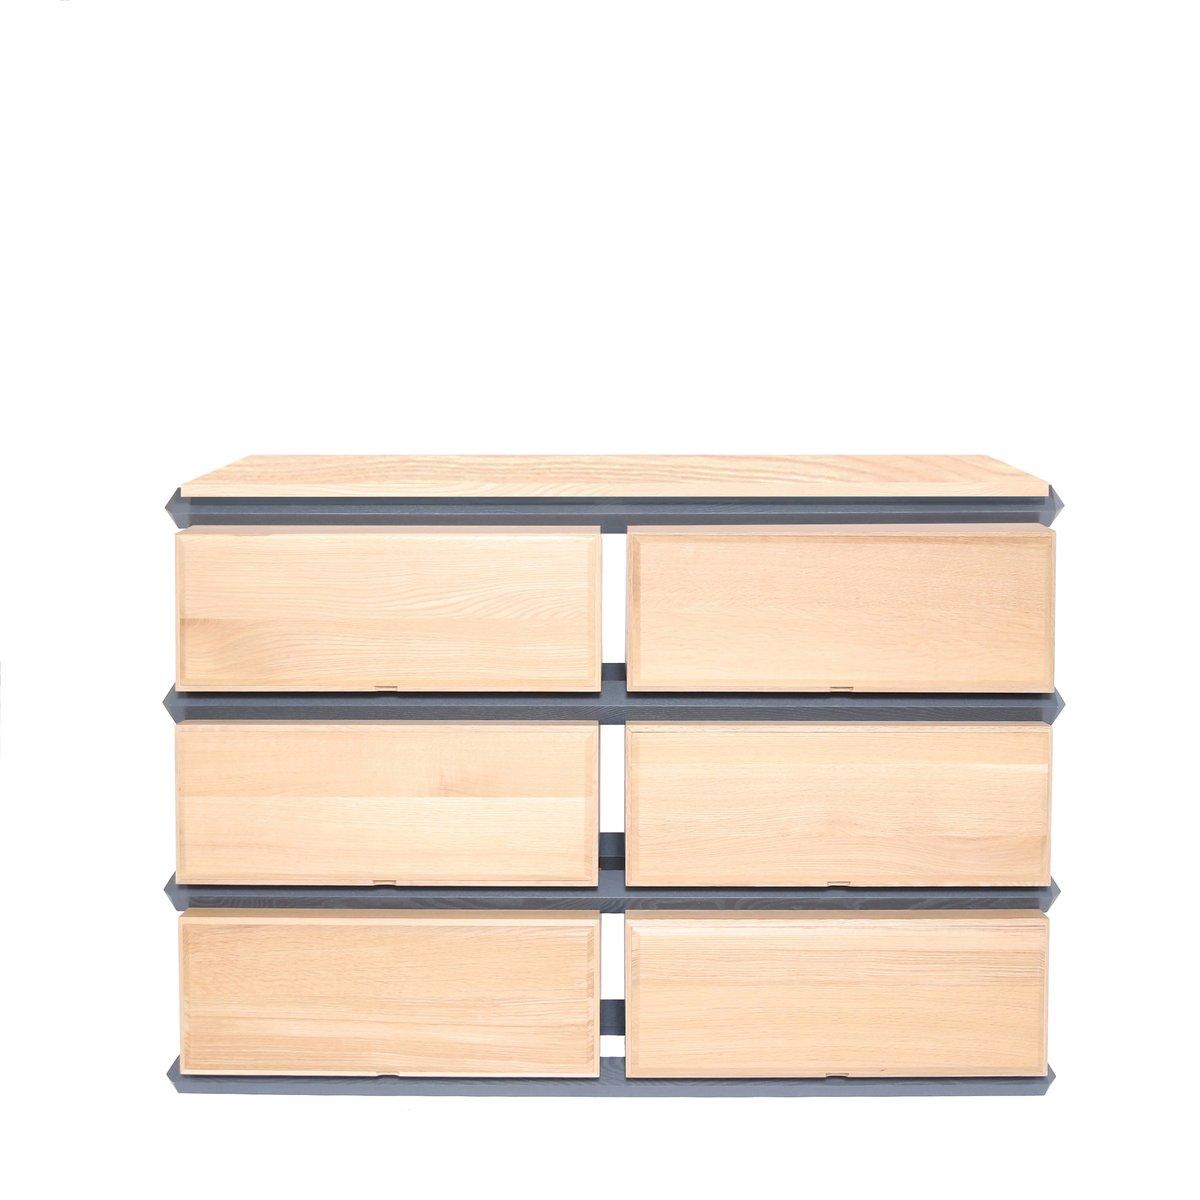 Design Aufbewahrung kommode zur aufbewahrung mit drei breiten holzschubladen und